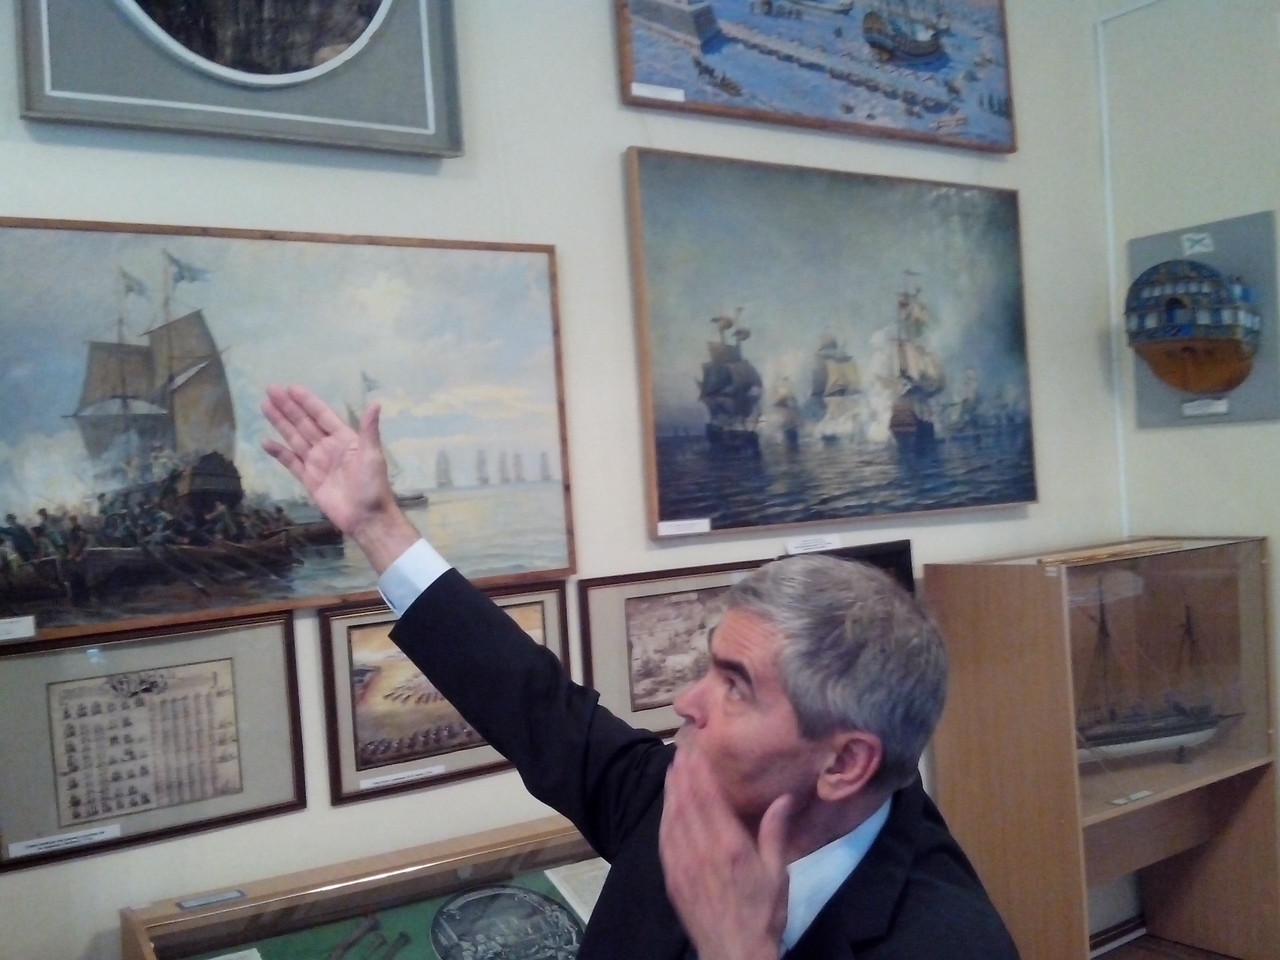 Научный сотрудник Музея Балтийского флота В.И. Литвинов проводит экскурсию